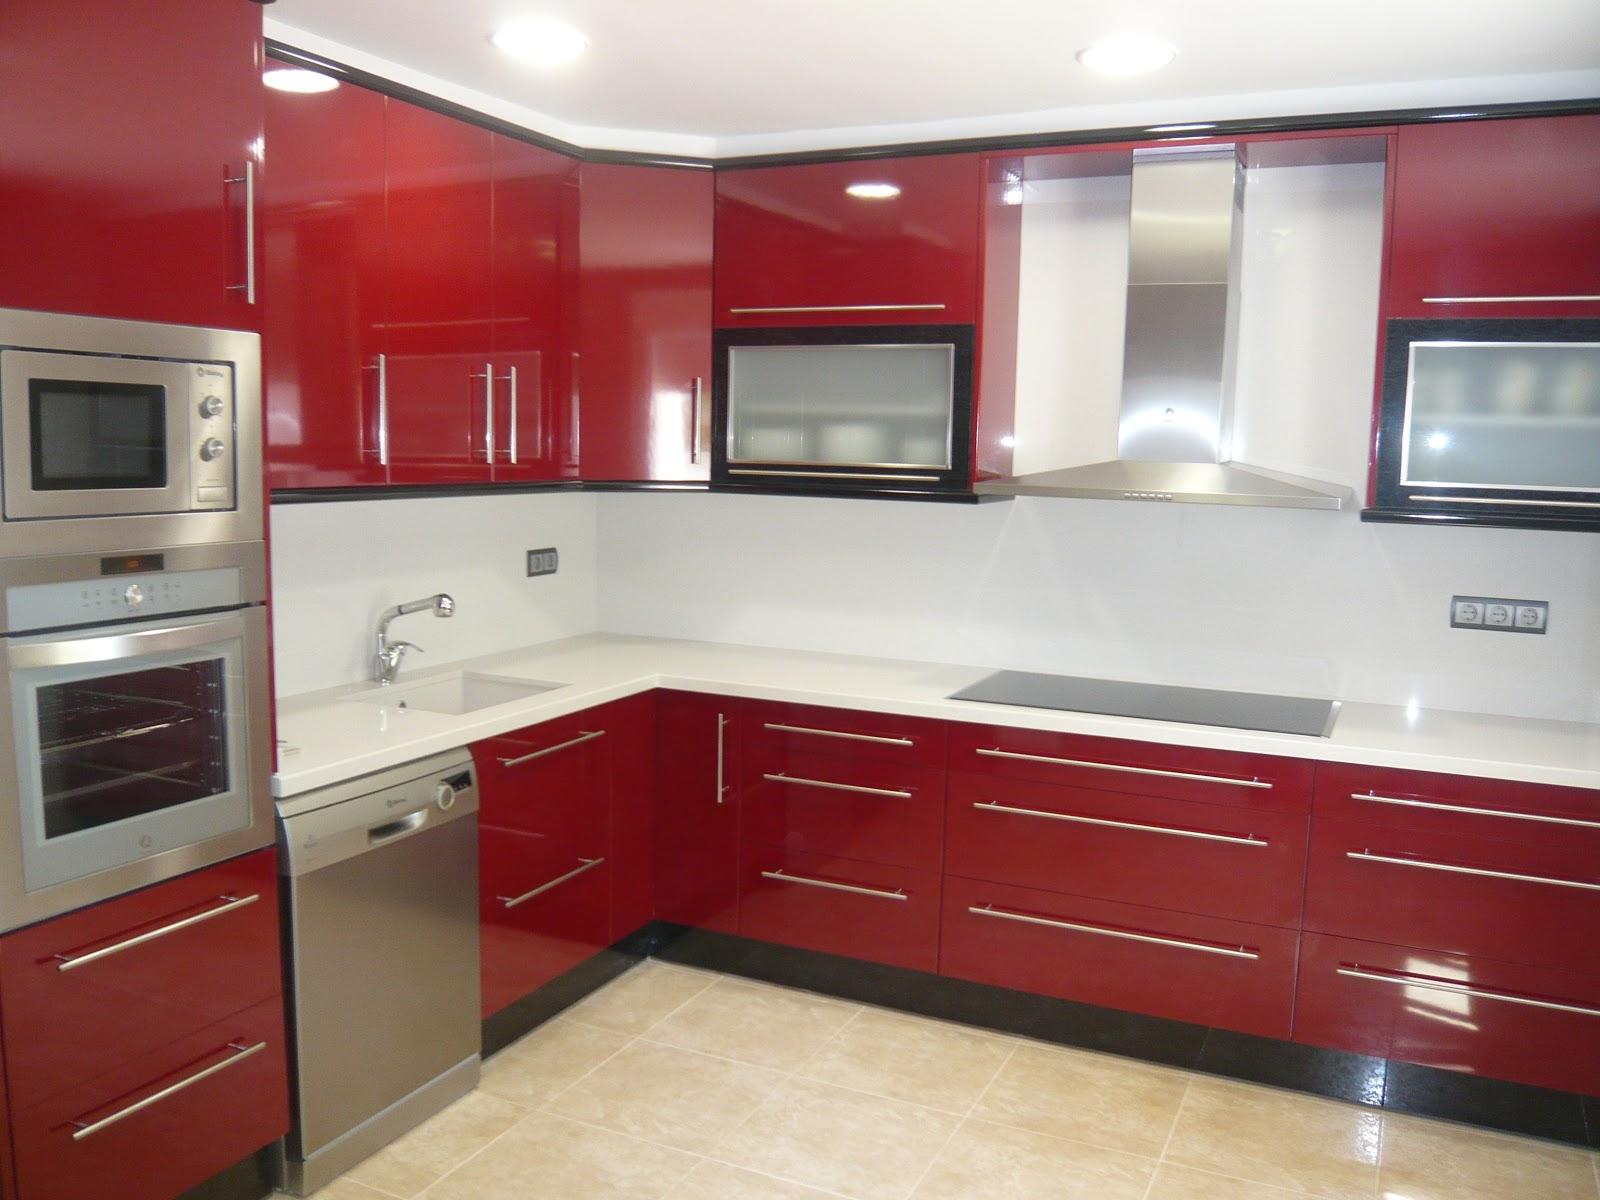 Reuscuina cocina de formica rojo negra for Muebles para cocina baratos